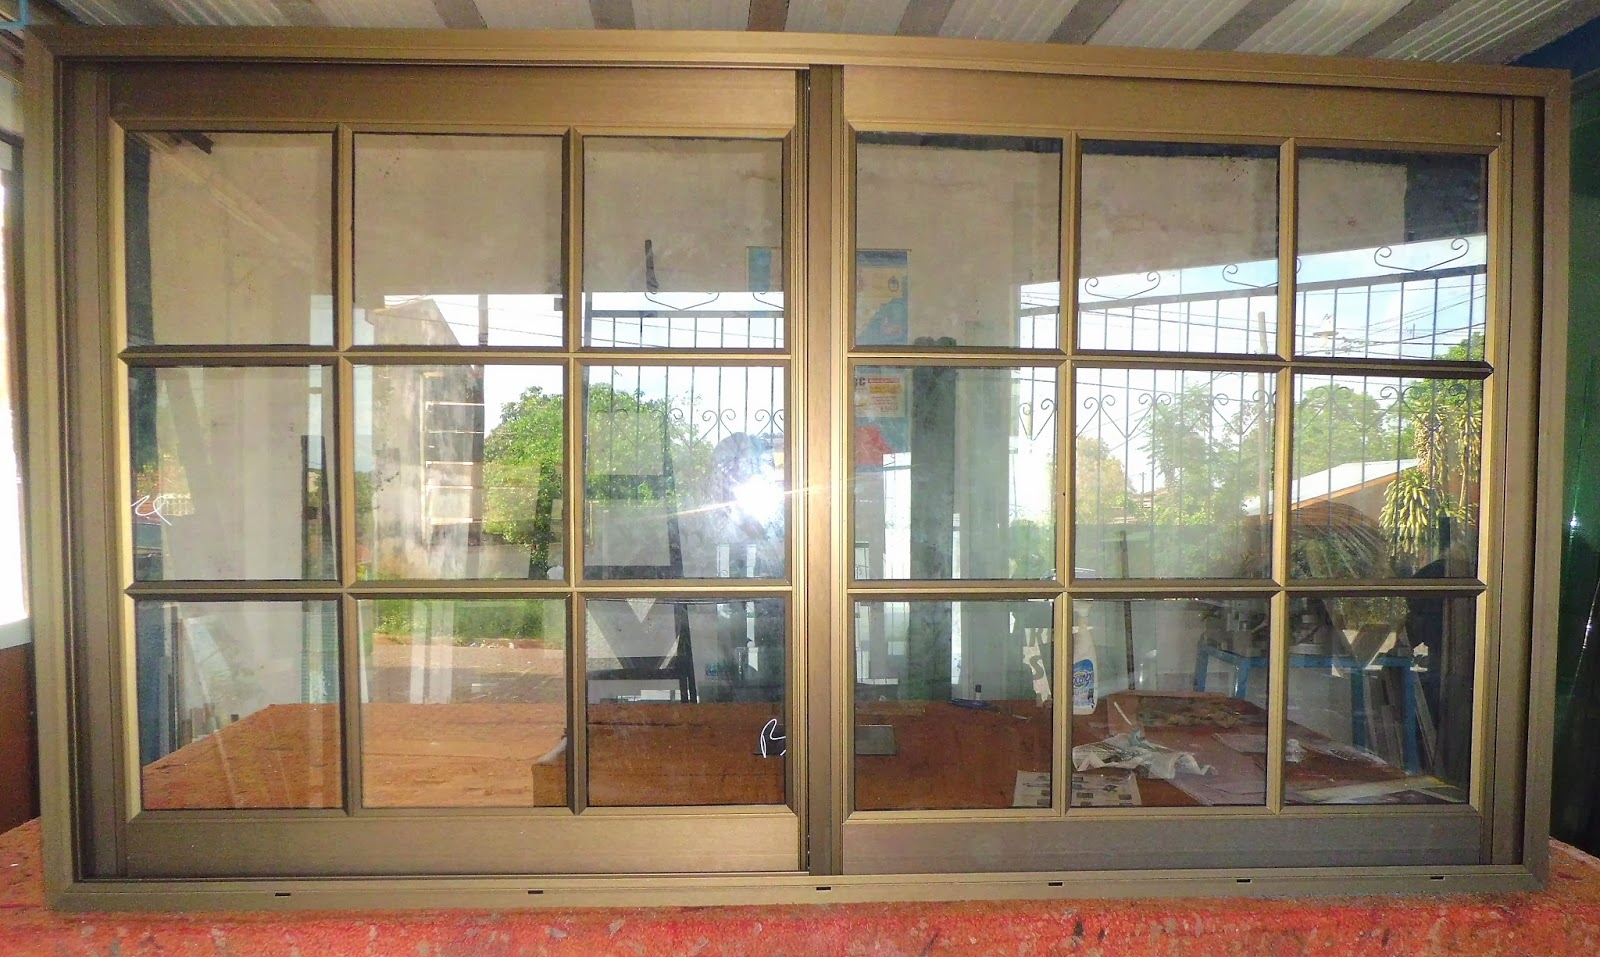 Guia de celulares redes sociales y paginas web vidriterm for Aberturas de aluminio puertas